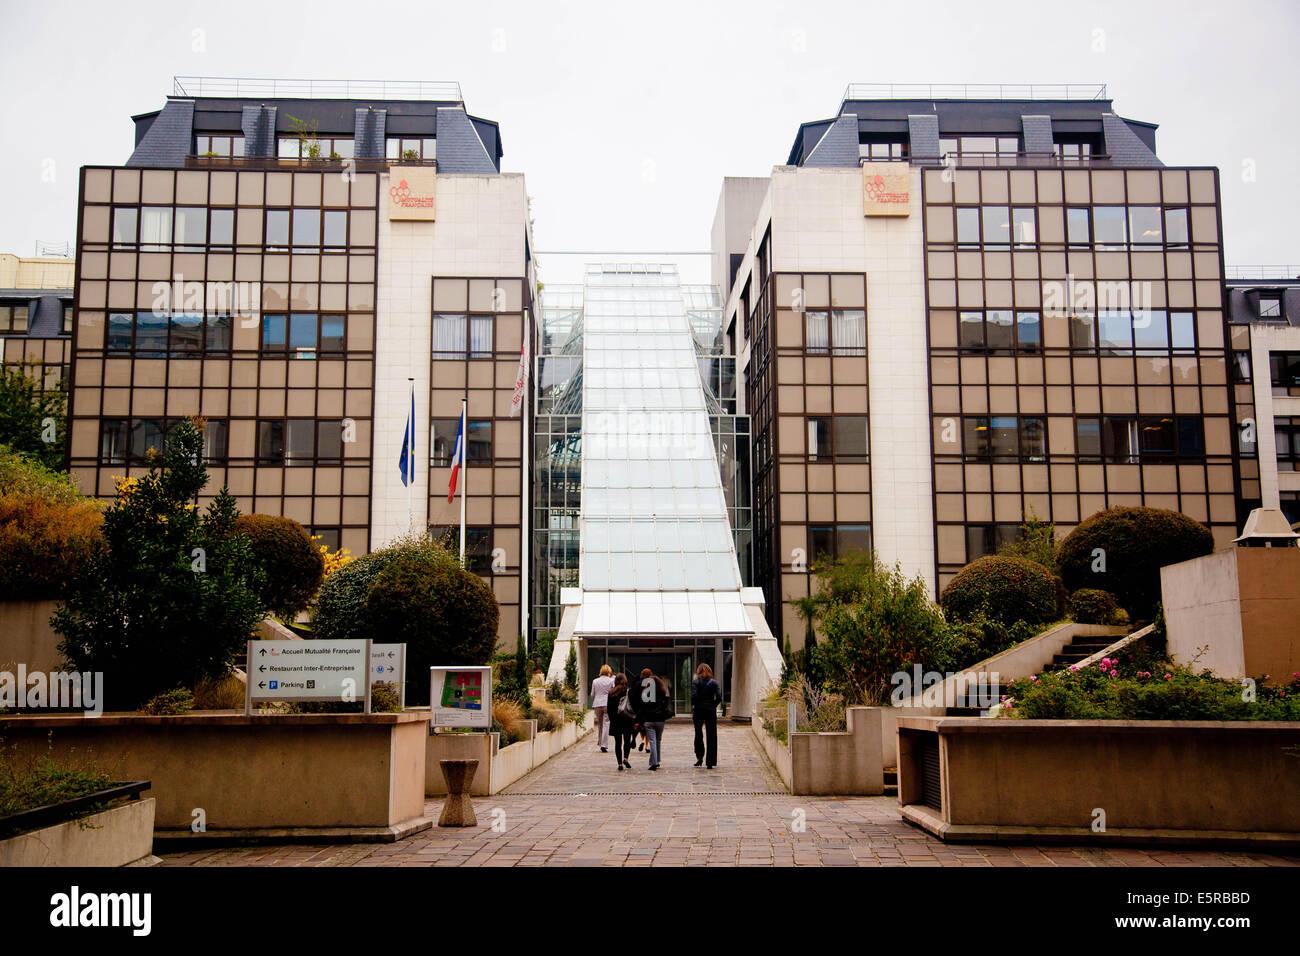 Siège de la Mutualité française à Paris. - Stock Image